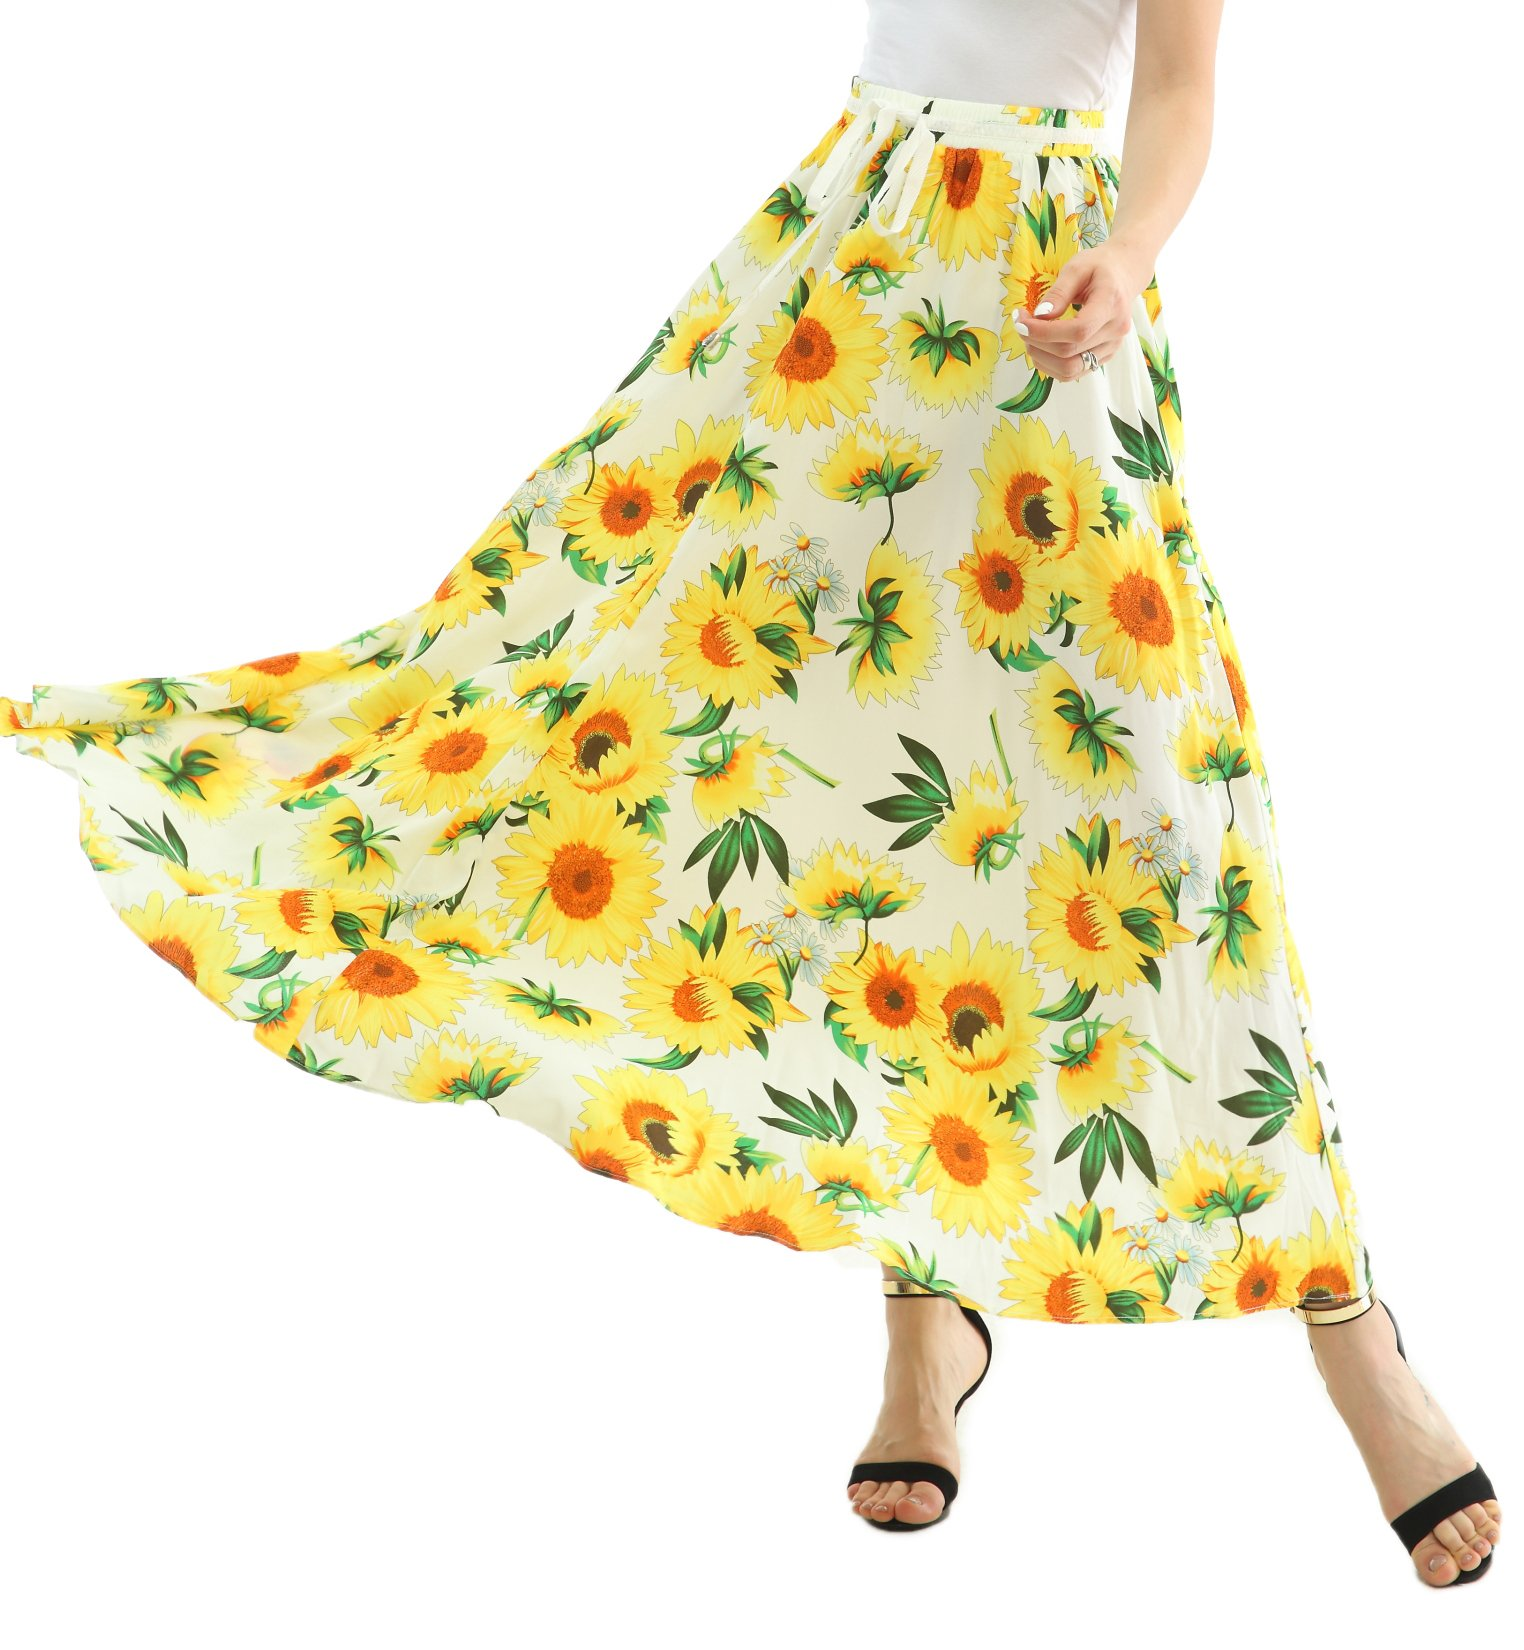 JOAUR Women Full/Ankle Length Floral Print Maxi Chiffon Long Skirt Beach Skirt, Small, White